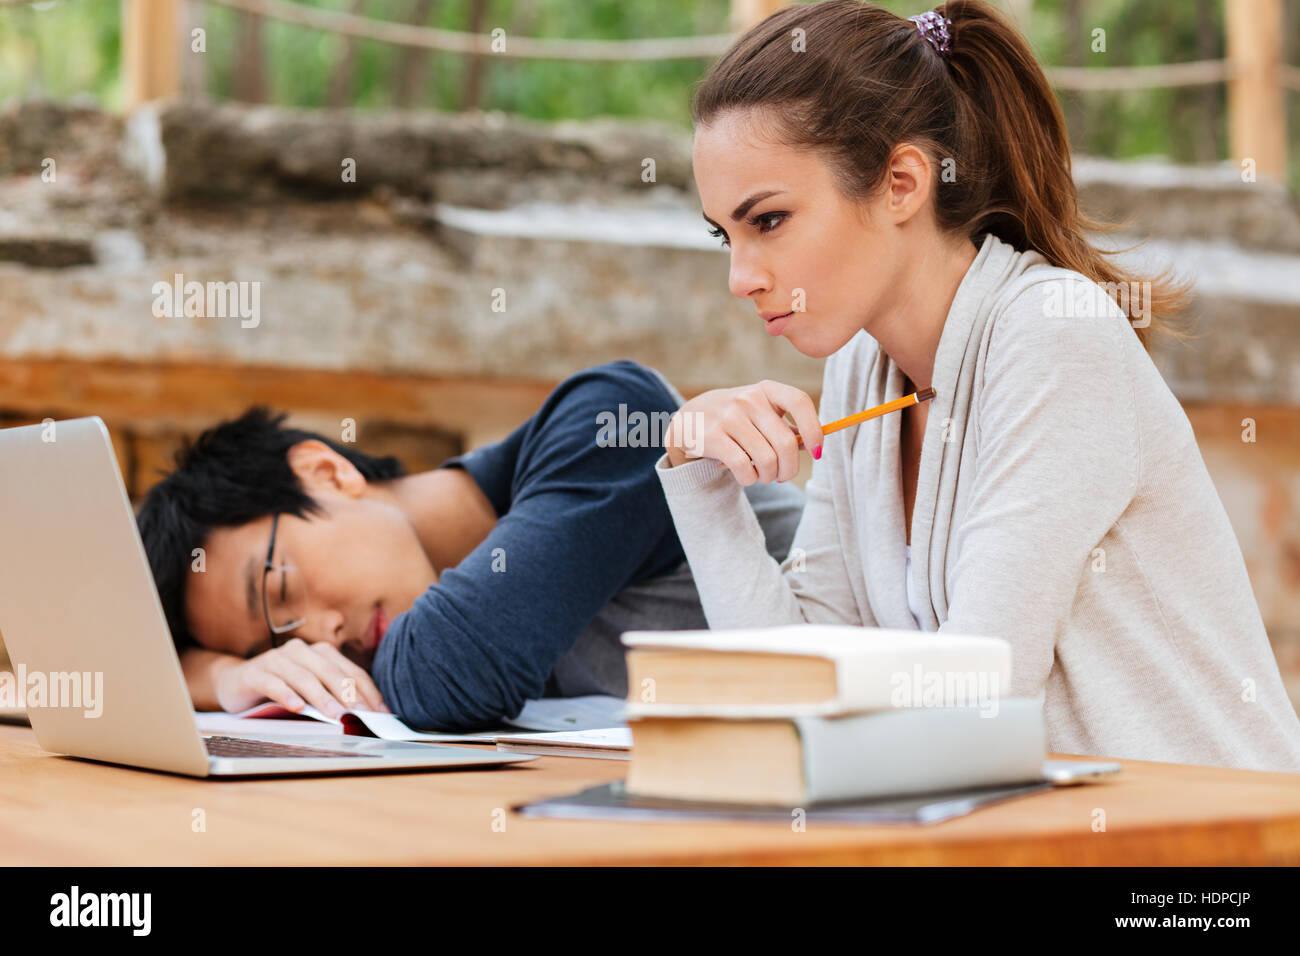 Concentrado joven sentado y estudiando cerca del hombre durmiendo sobre el escritorio Imagen De Stock